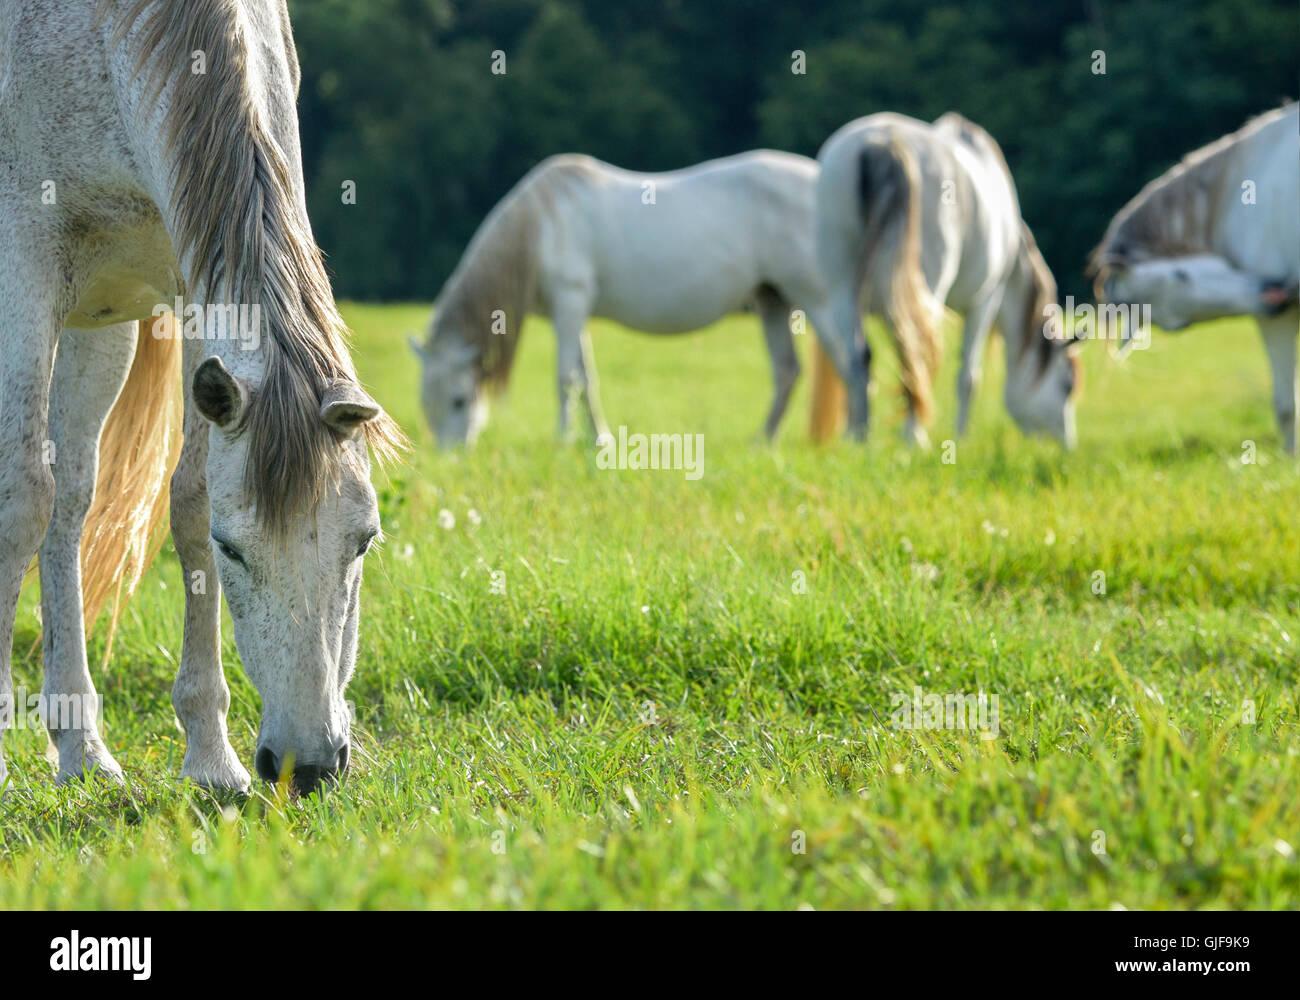 Andalusische Pferde Stuten grasen auf saftigen grünen Rasen Weide Stockbild